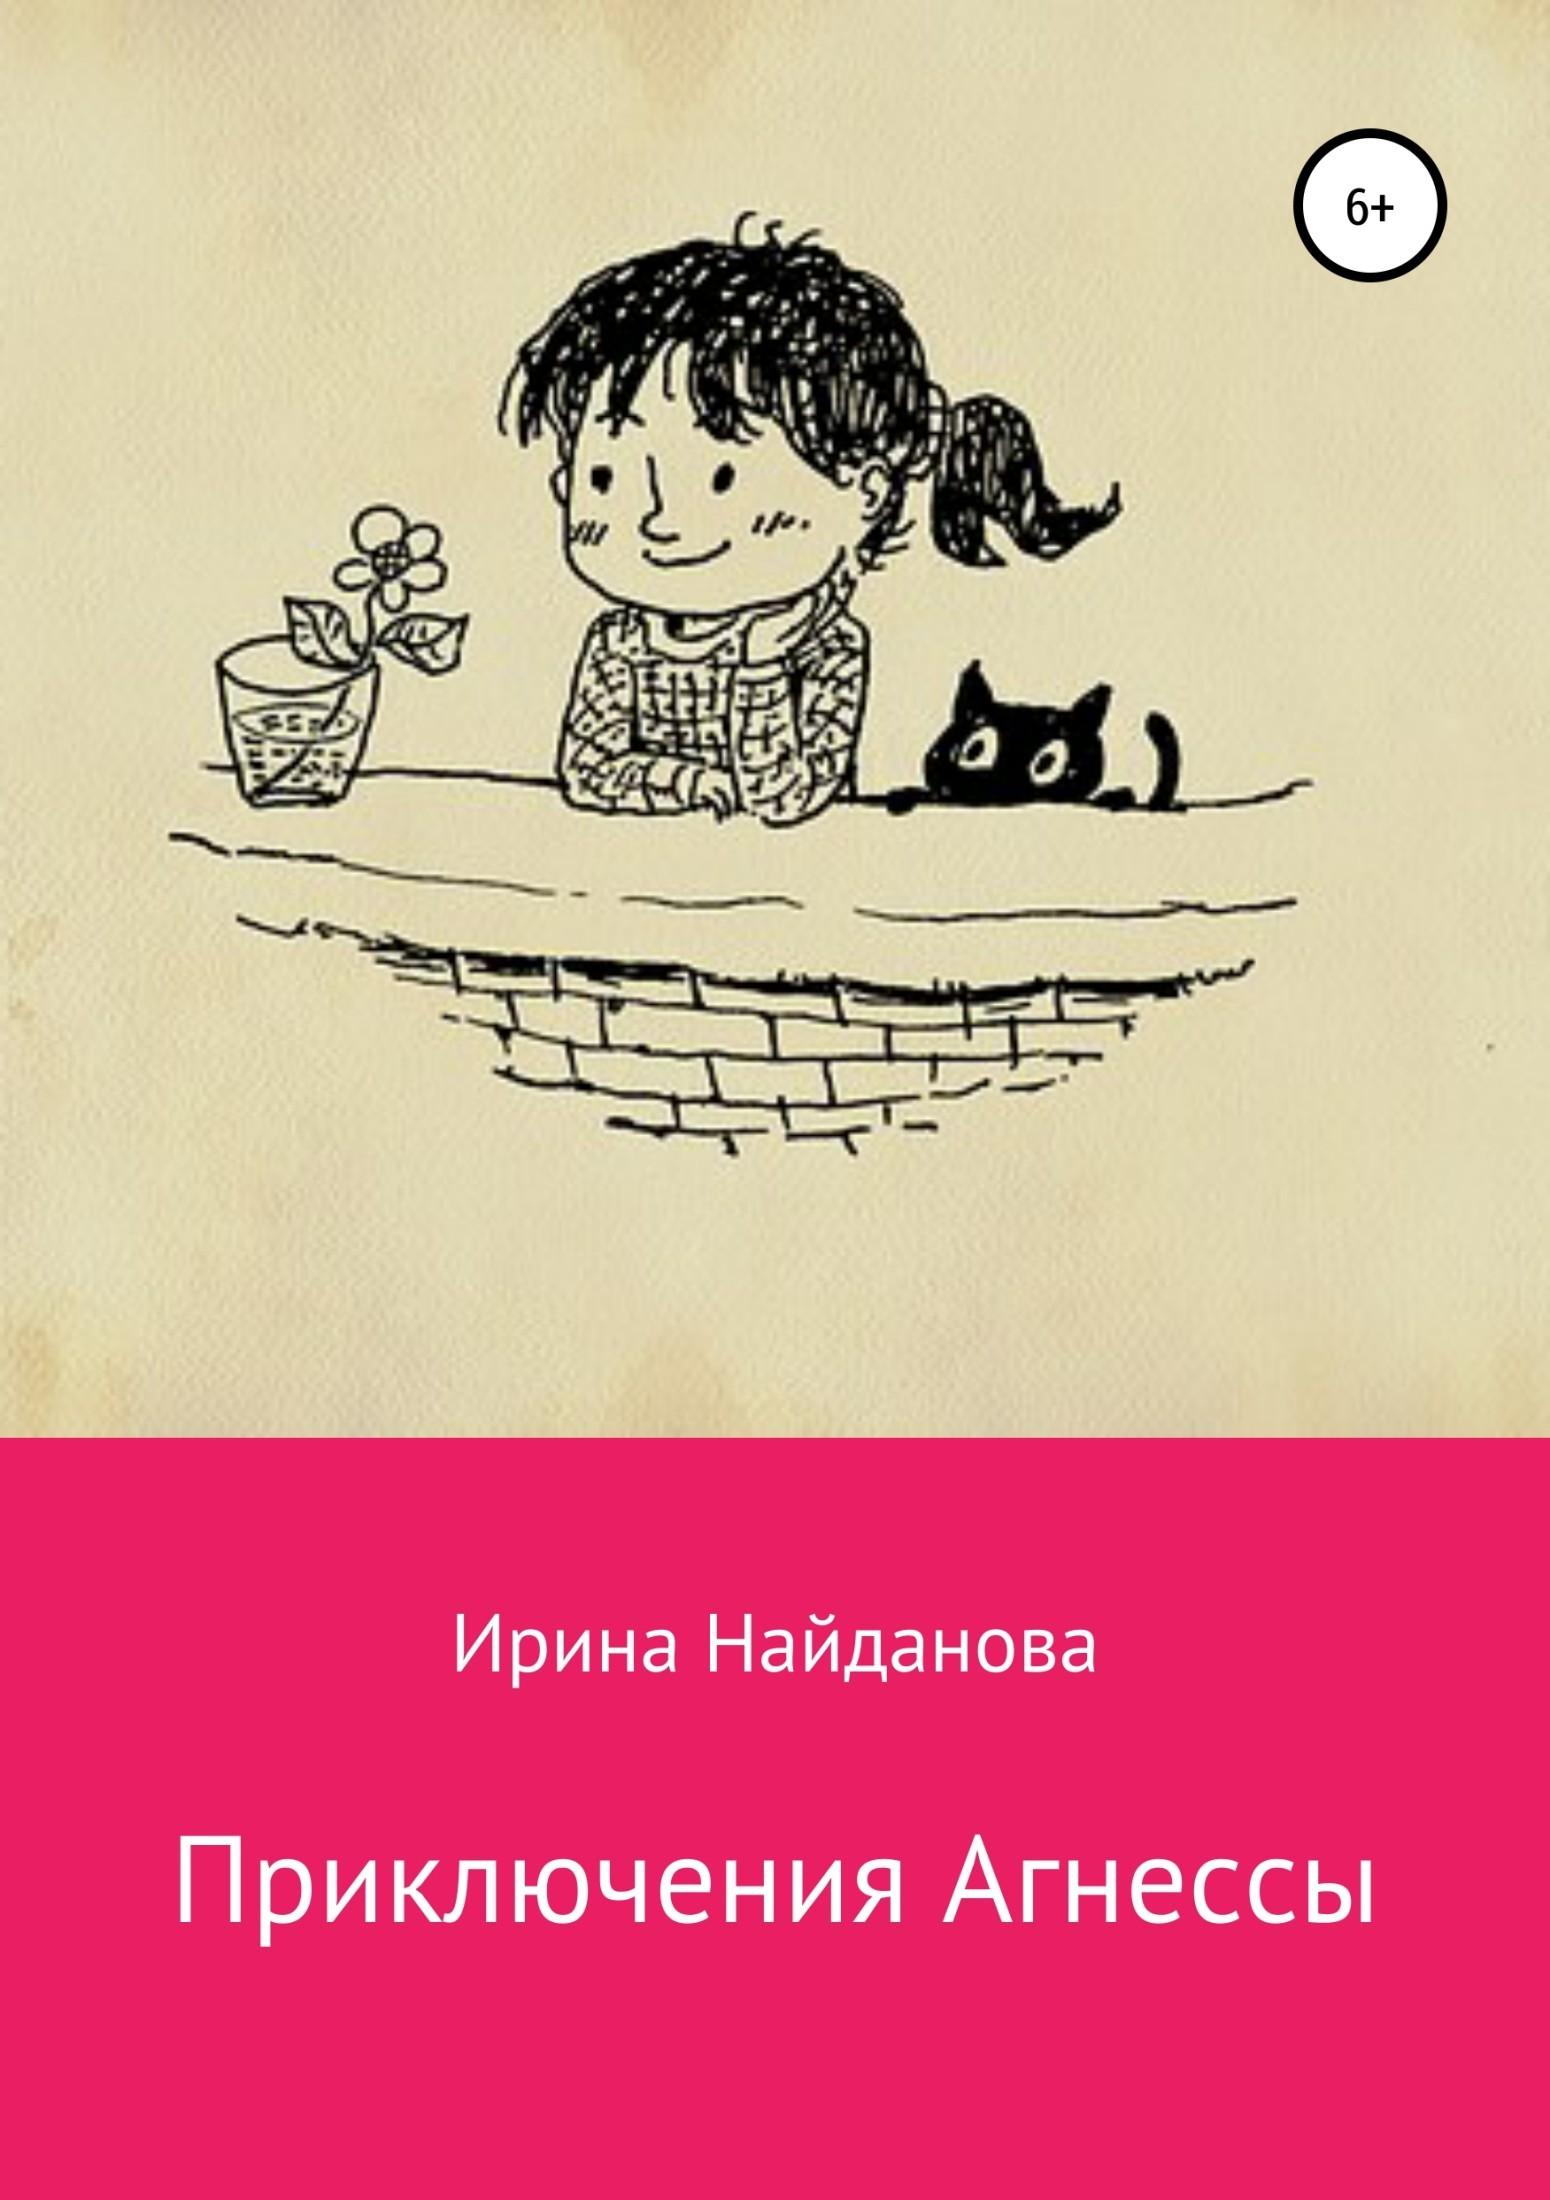 Ирина Найданова - Приключения Агнессы